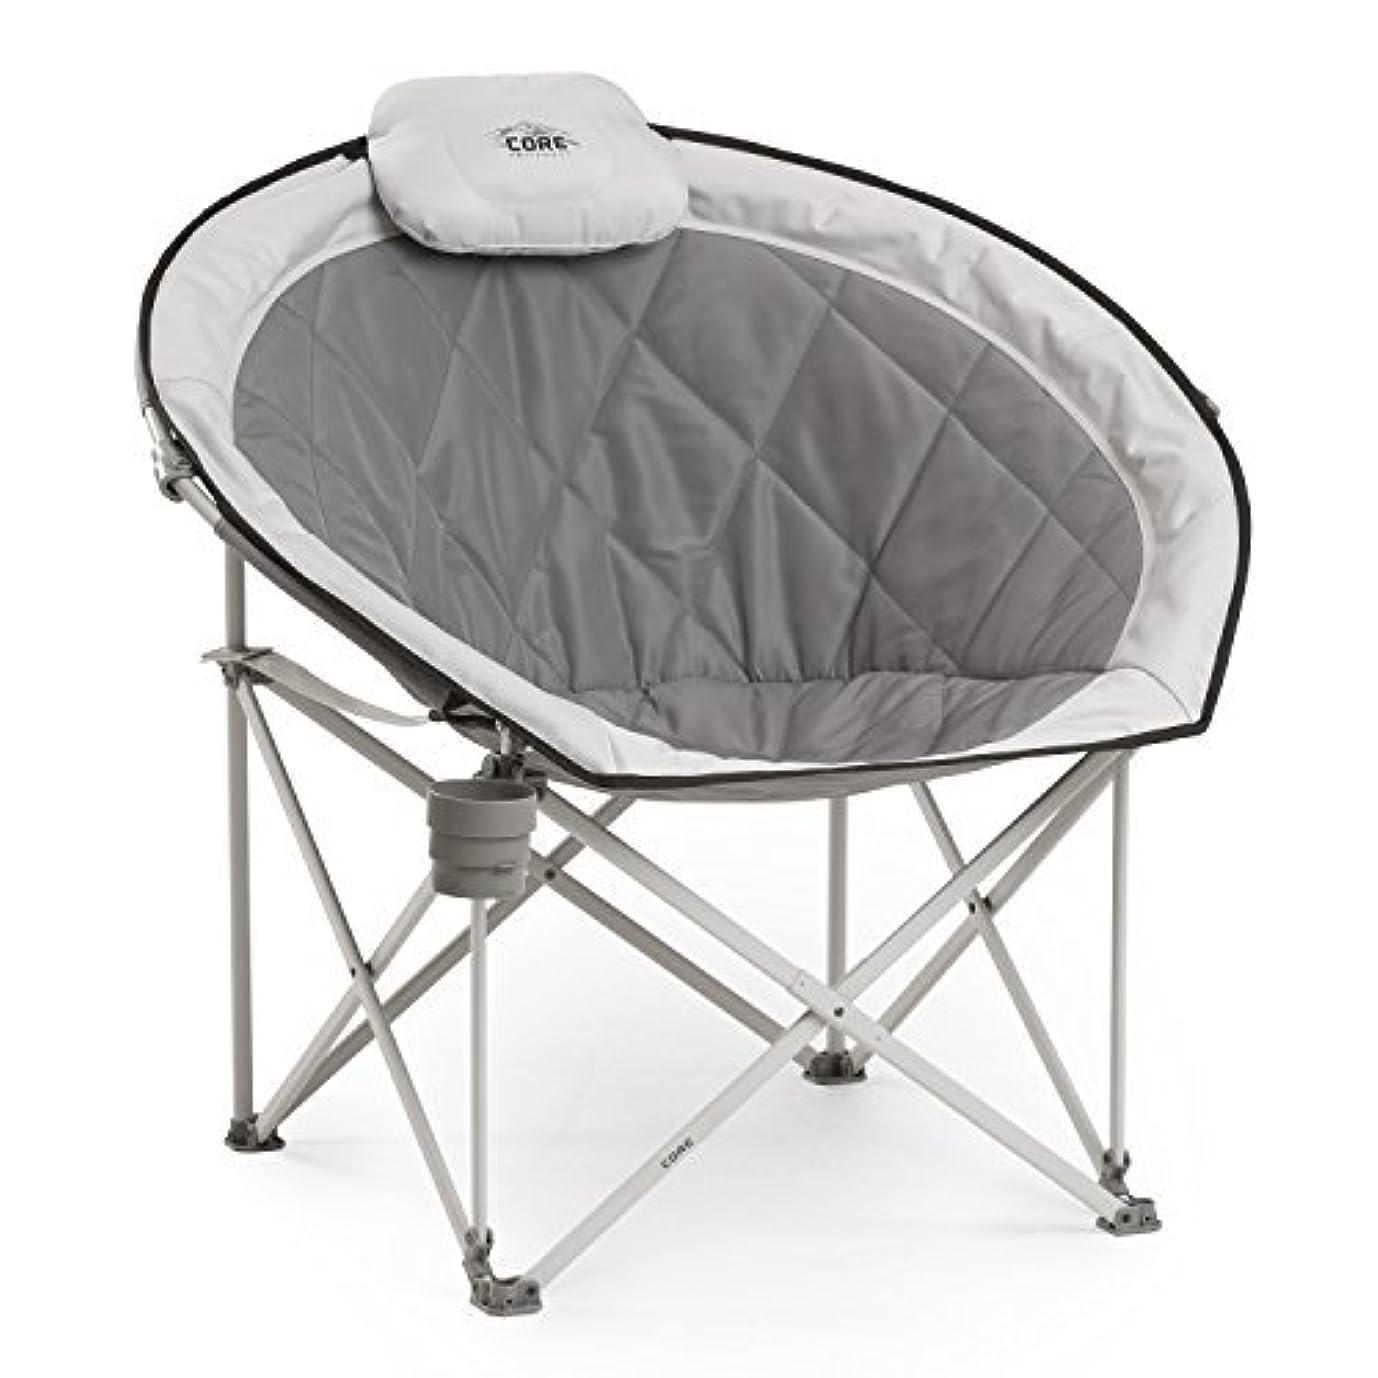 薄暗い飲料弾性CORE 40025 Equipment Folding Oversized Padded Moon Round Saucer Chair with Carry Bag, Gray [並行輸入品]